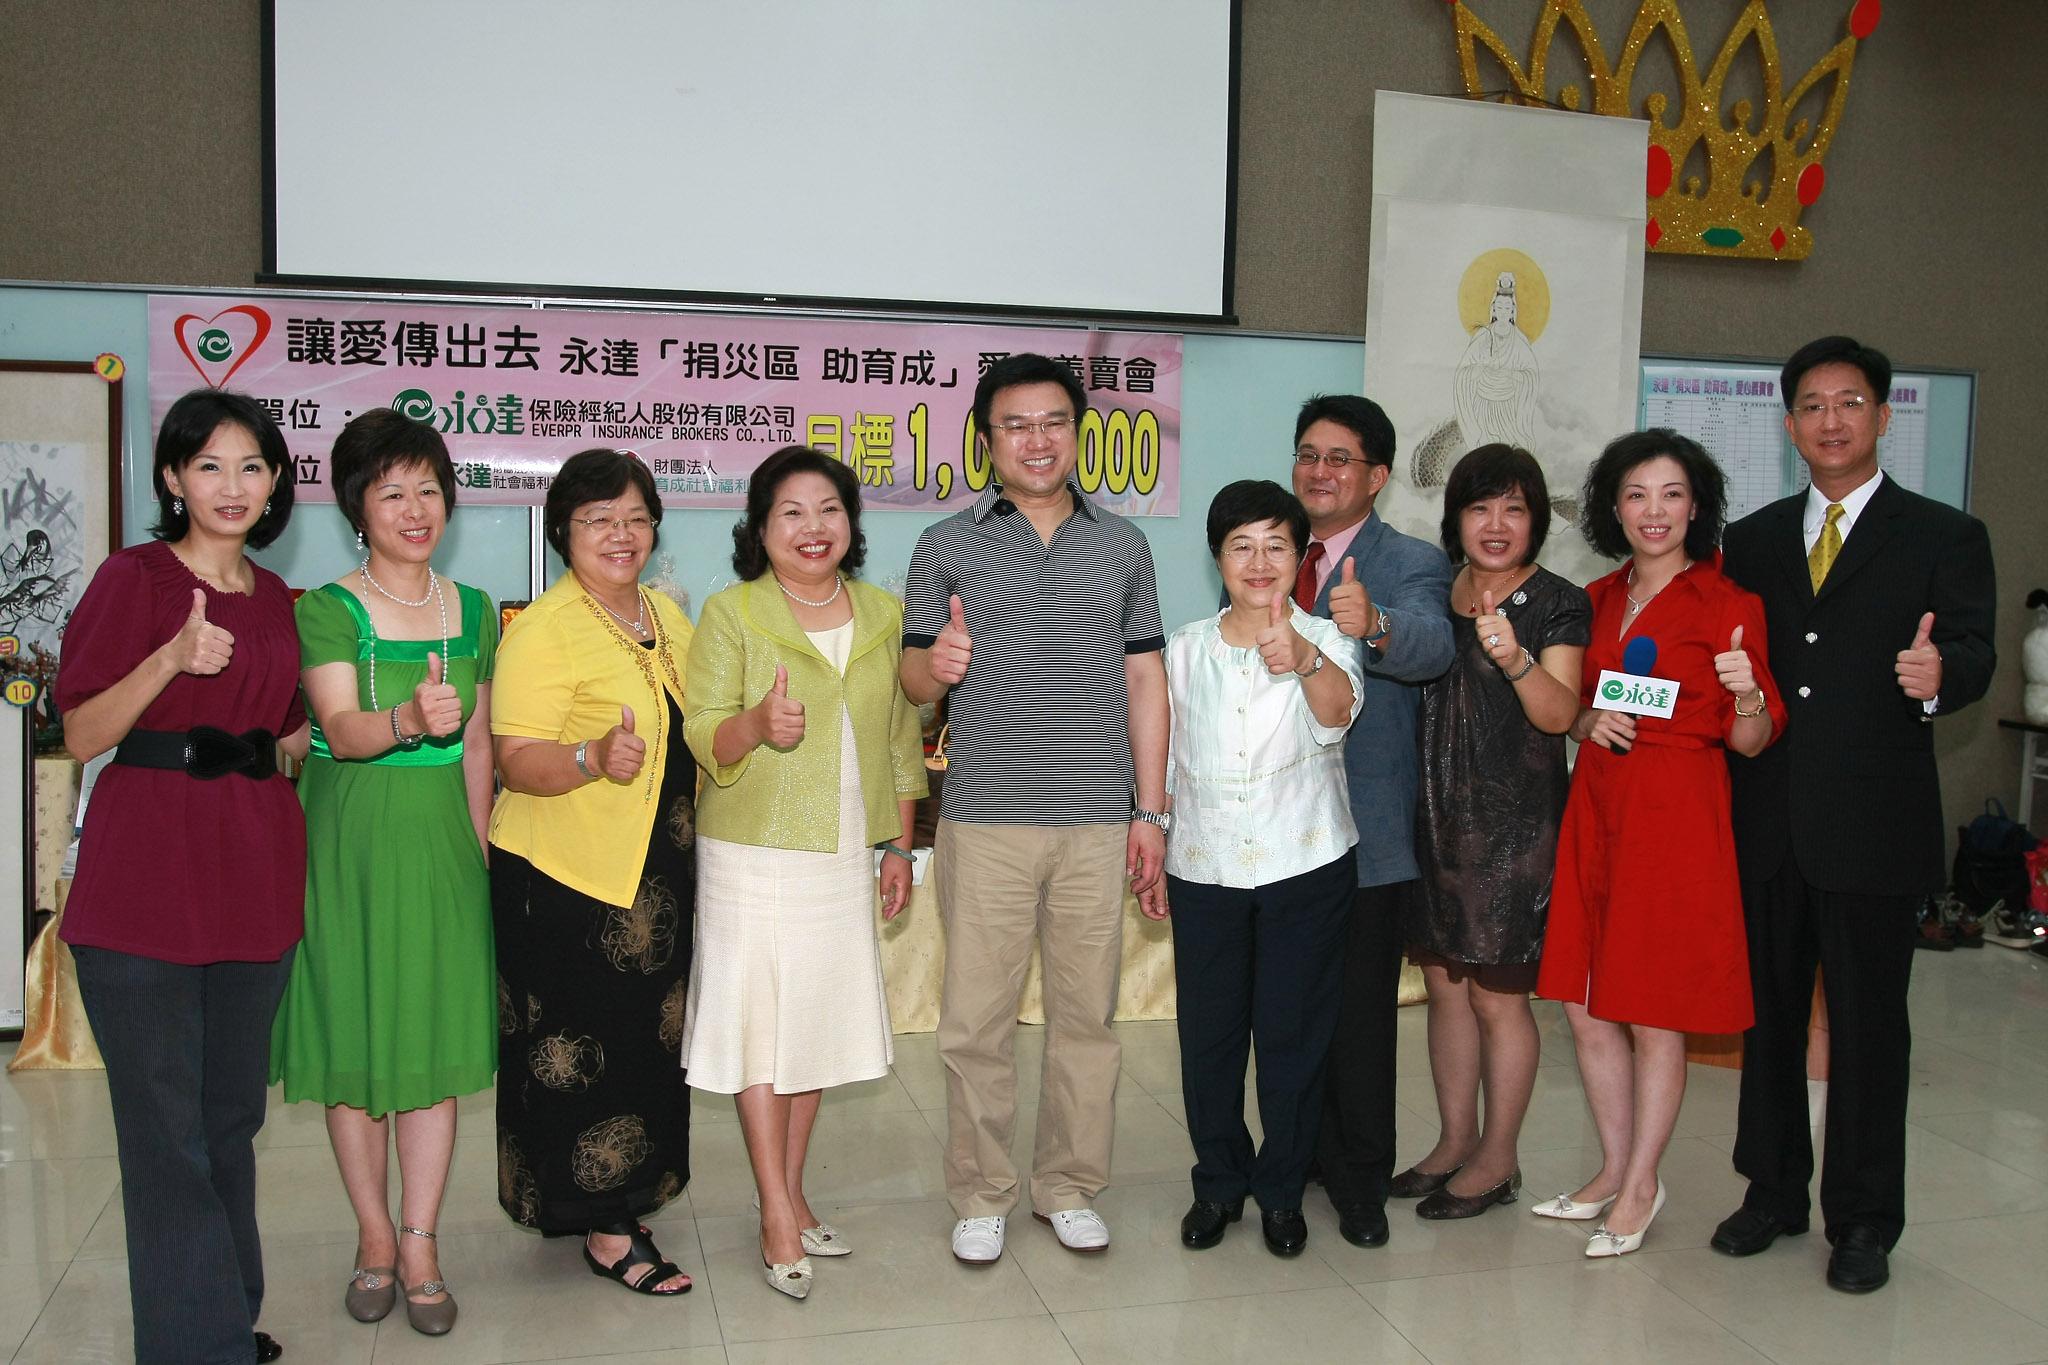 永達北一團隊主管預祝活動成功。